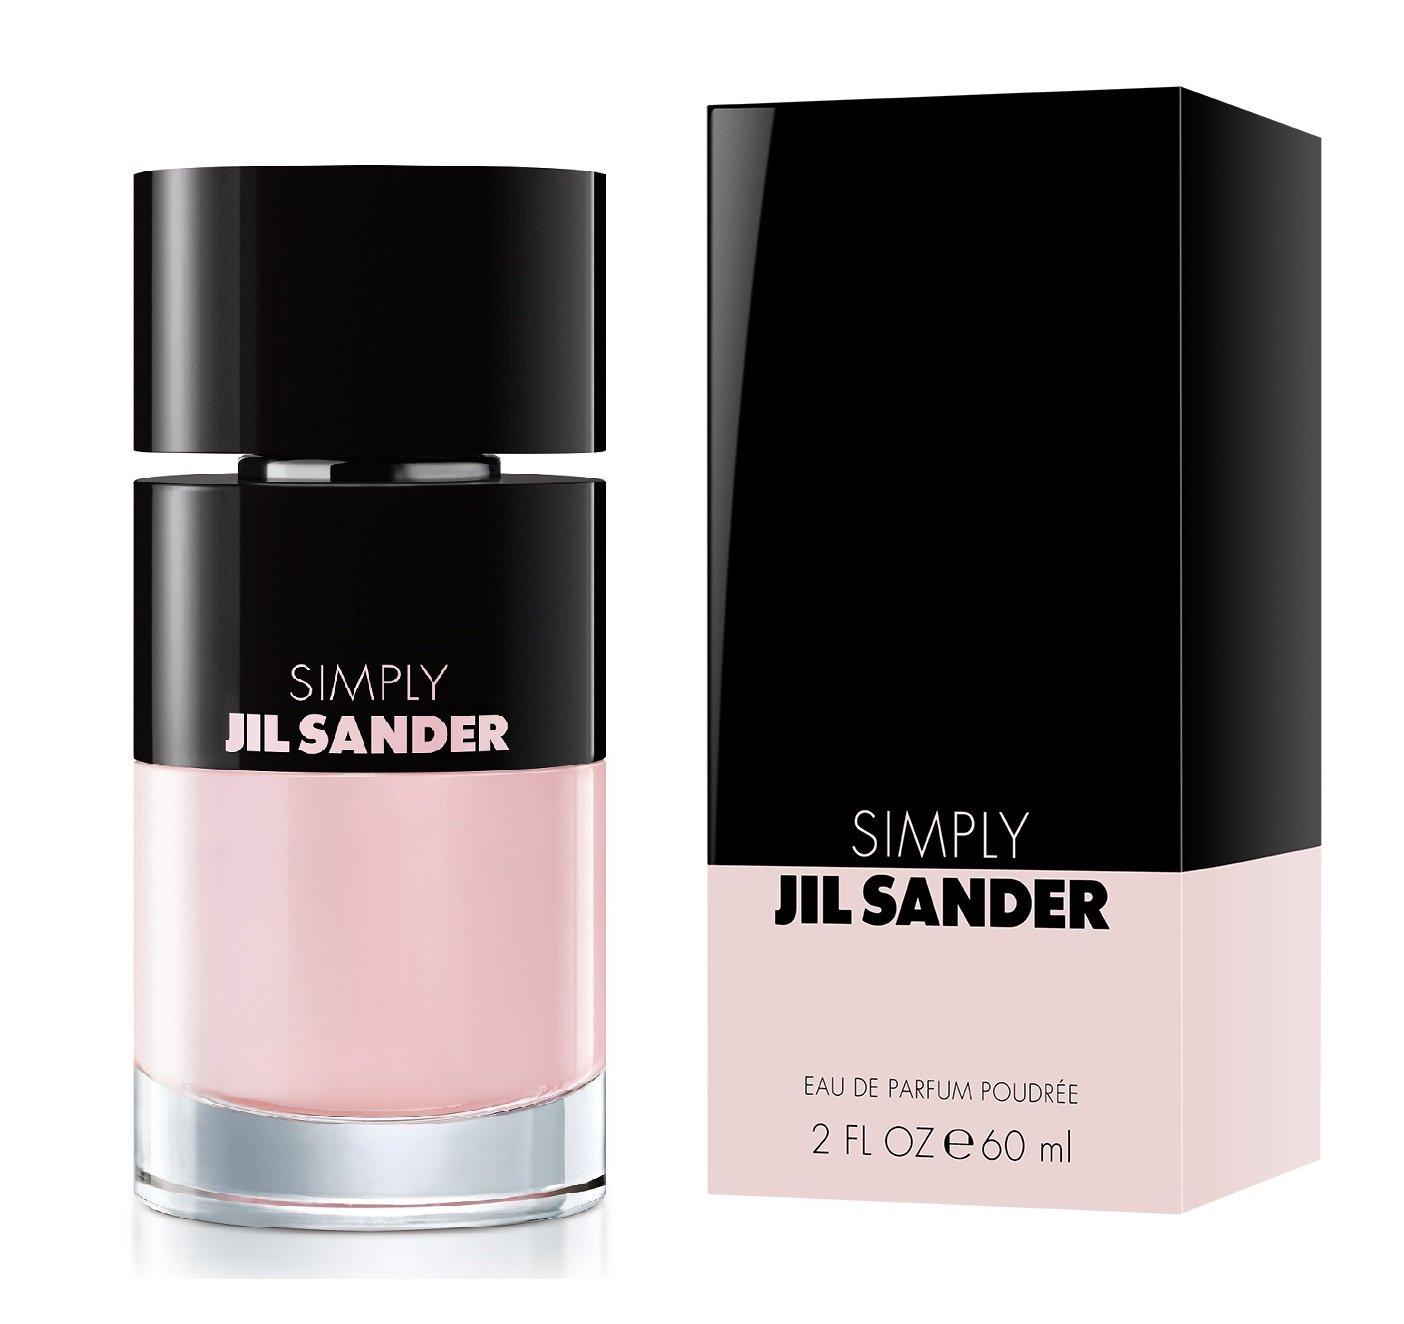 Jil Sander Simply Eau de Parfum Poudree